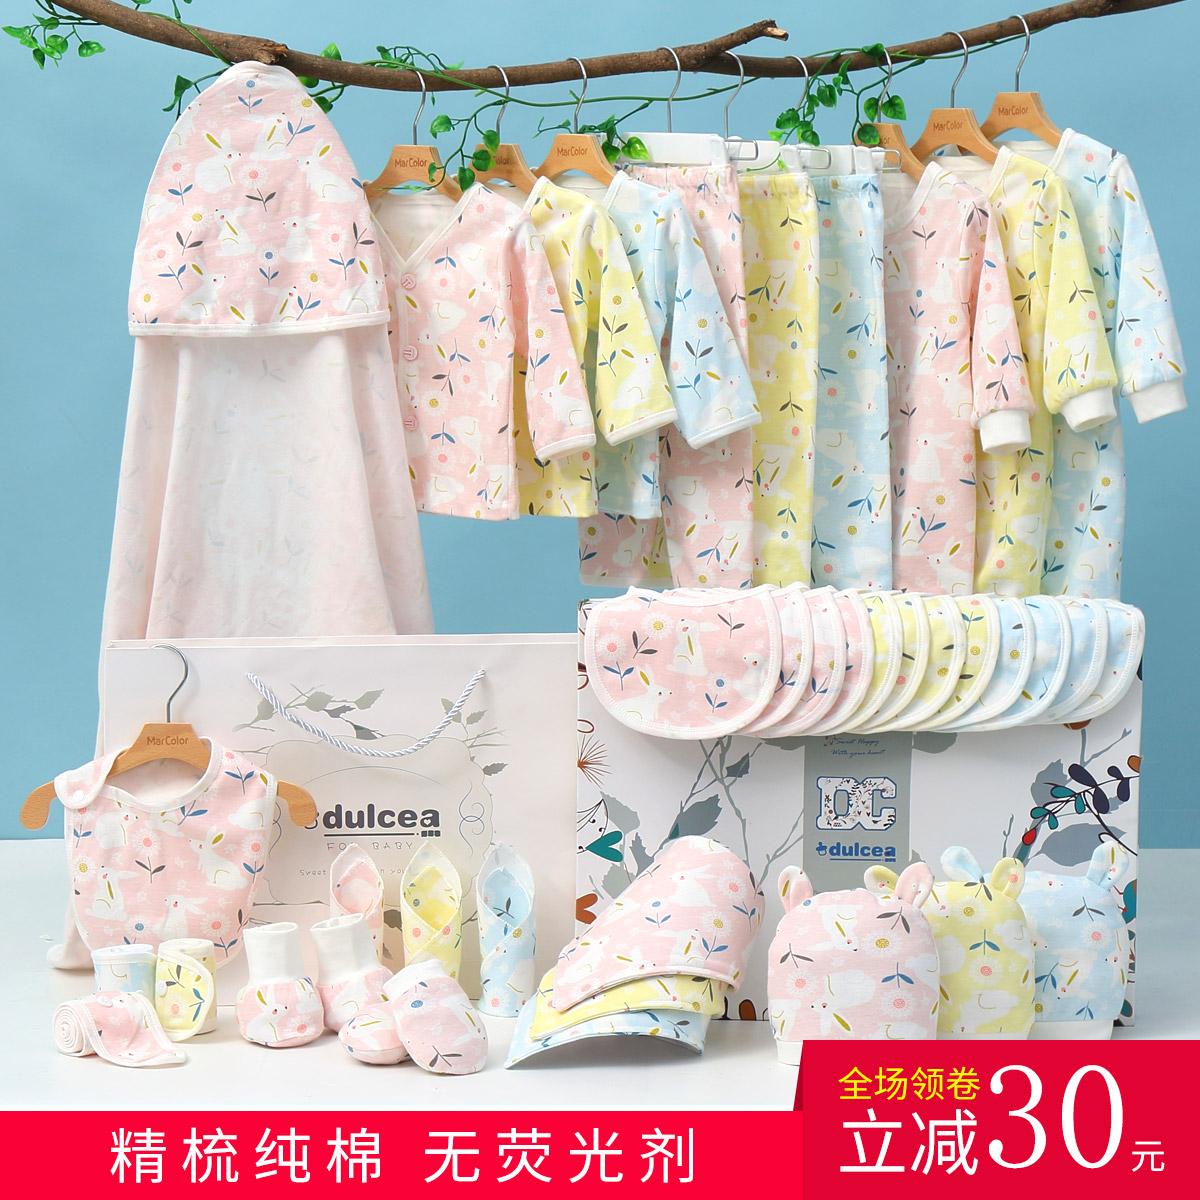 婴儿礼盒新生儿衣服纯棉套装 宝宝用品大全0-3个月刚出生满月礼物